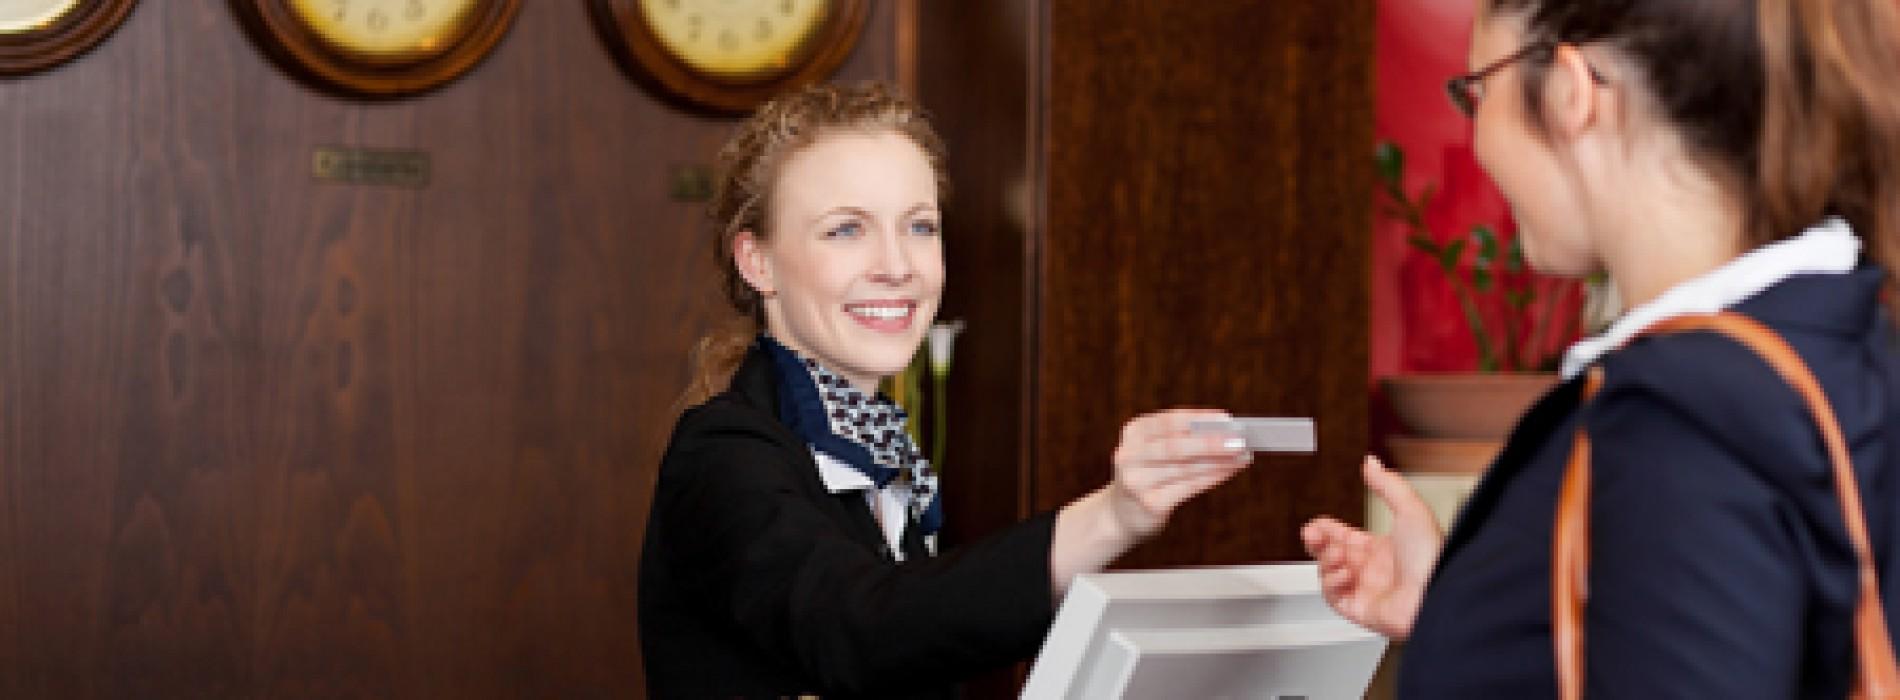 Tarife hoteliere mici pentru turiștii din Republica Moldova